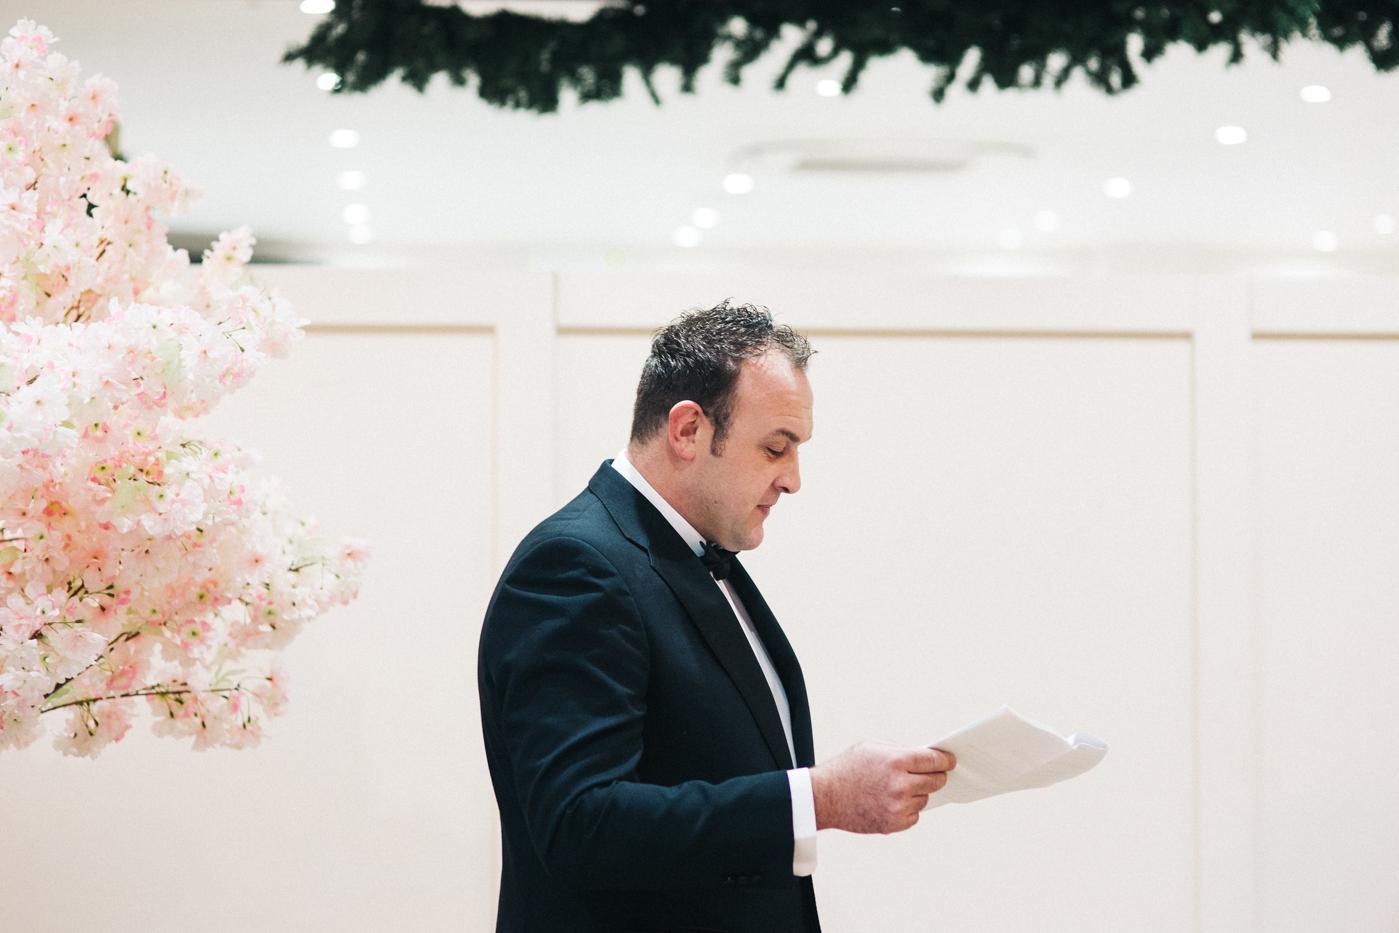 derby-derbyshire-wedding-photographer-creative-white-hart-inn-wedding-0030.jpg